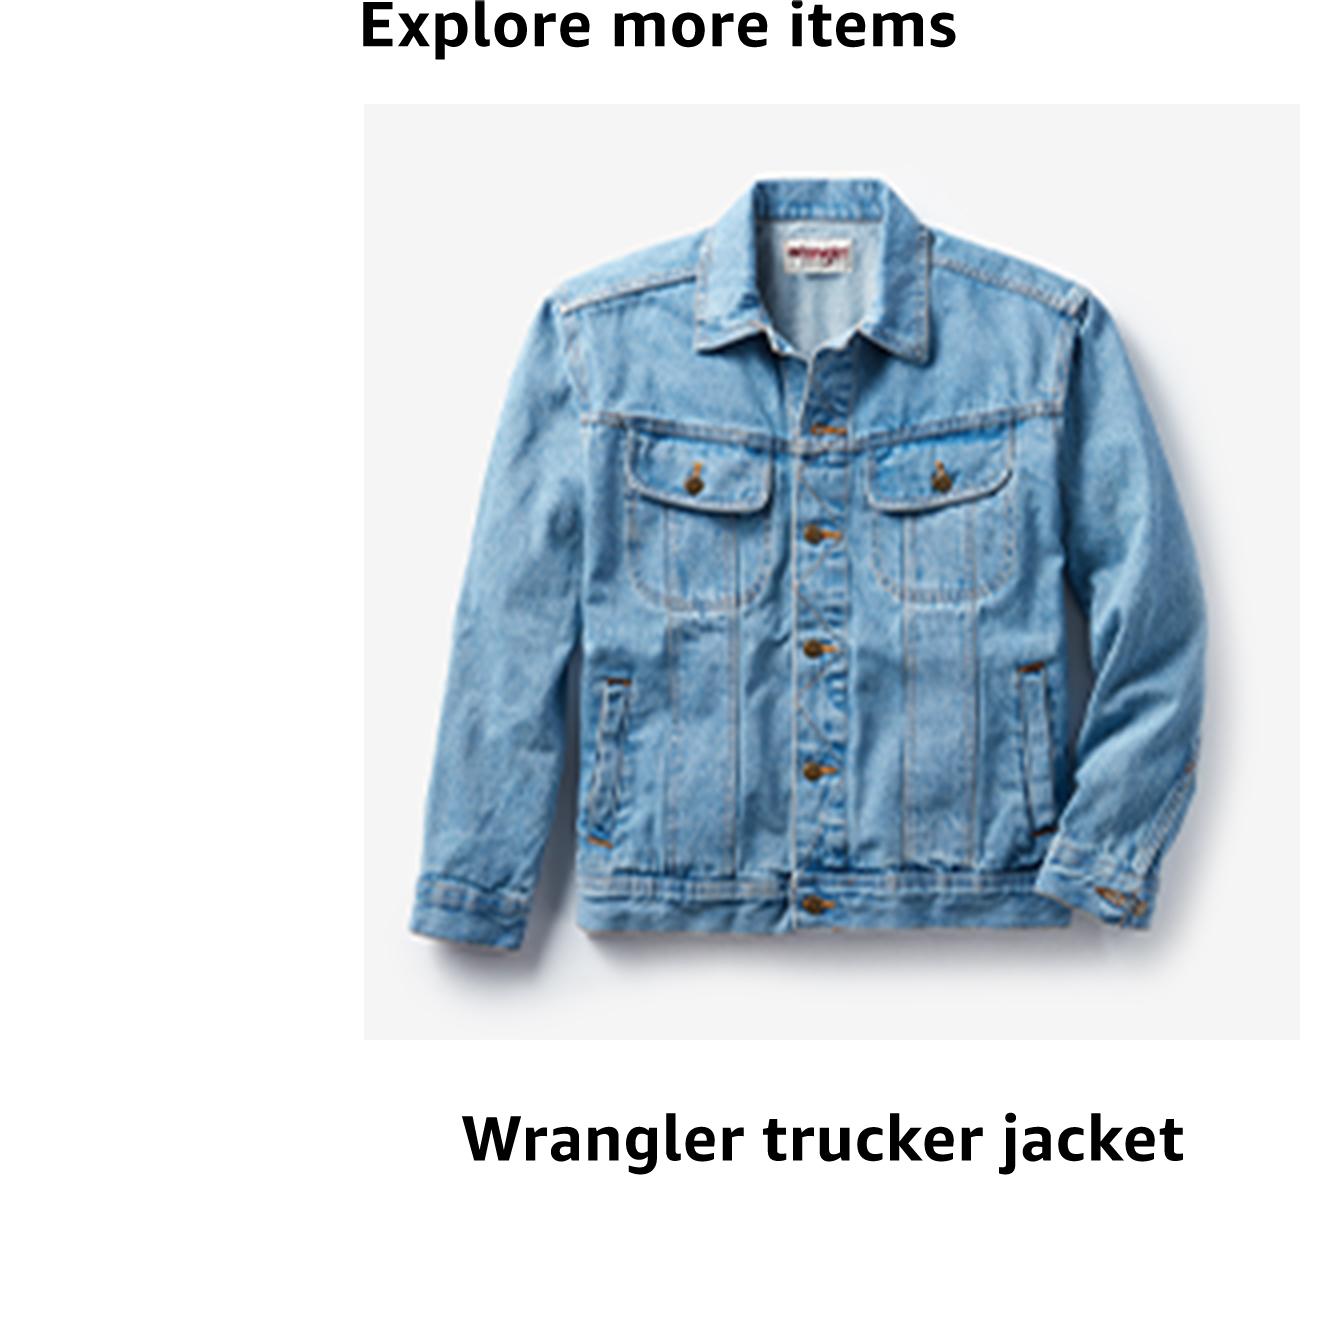 Wrangler trucker jacket